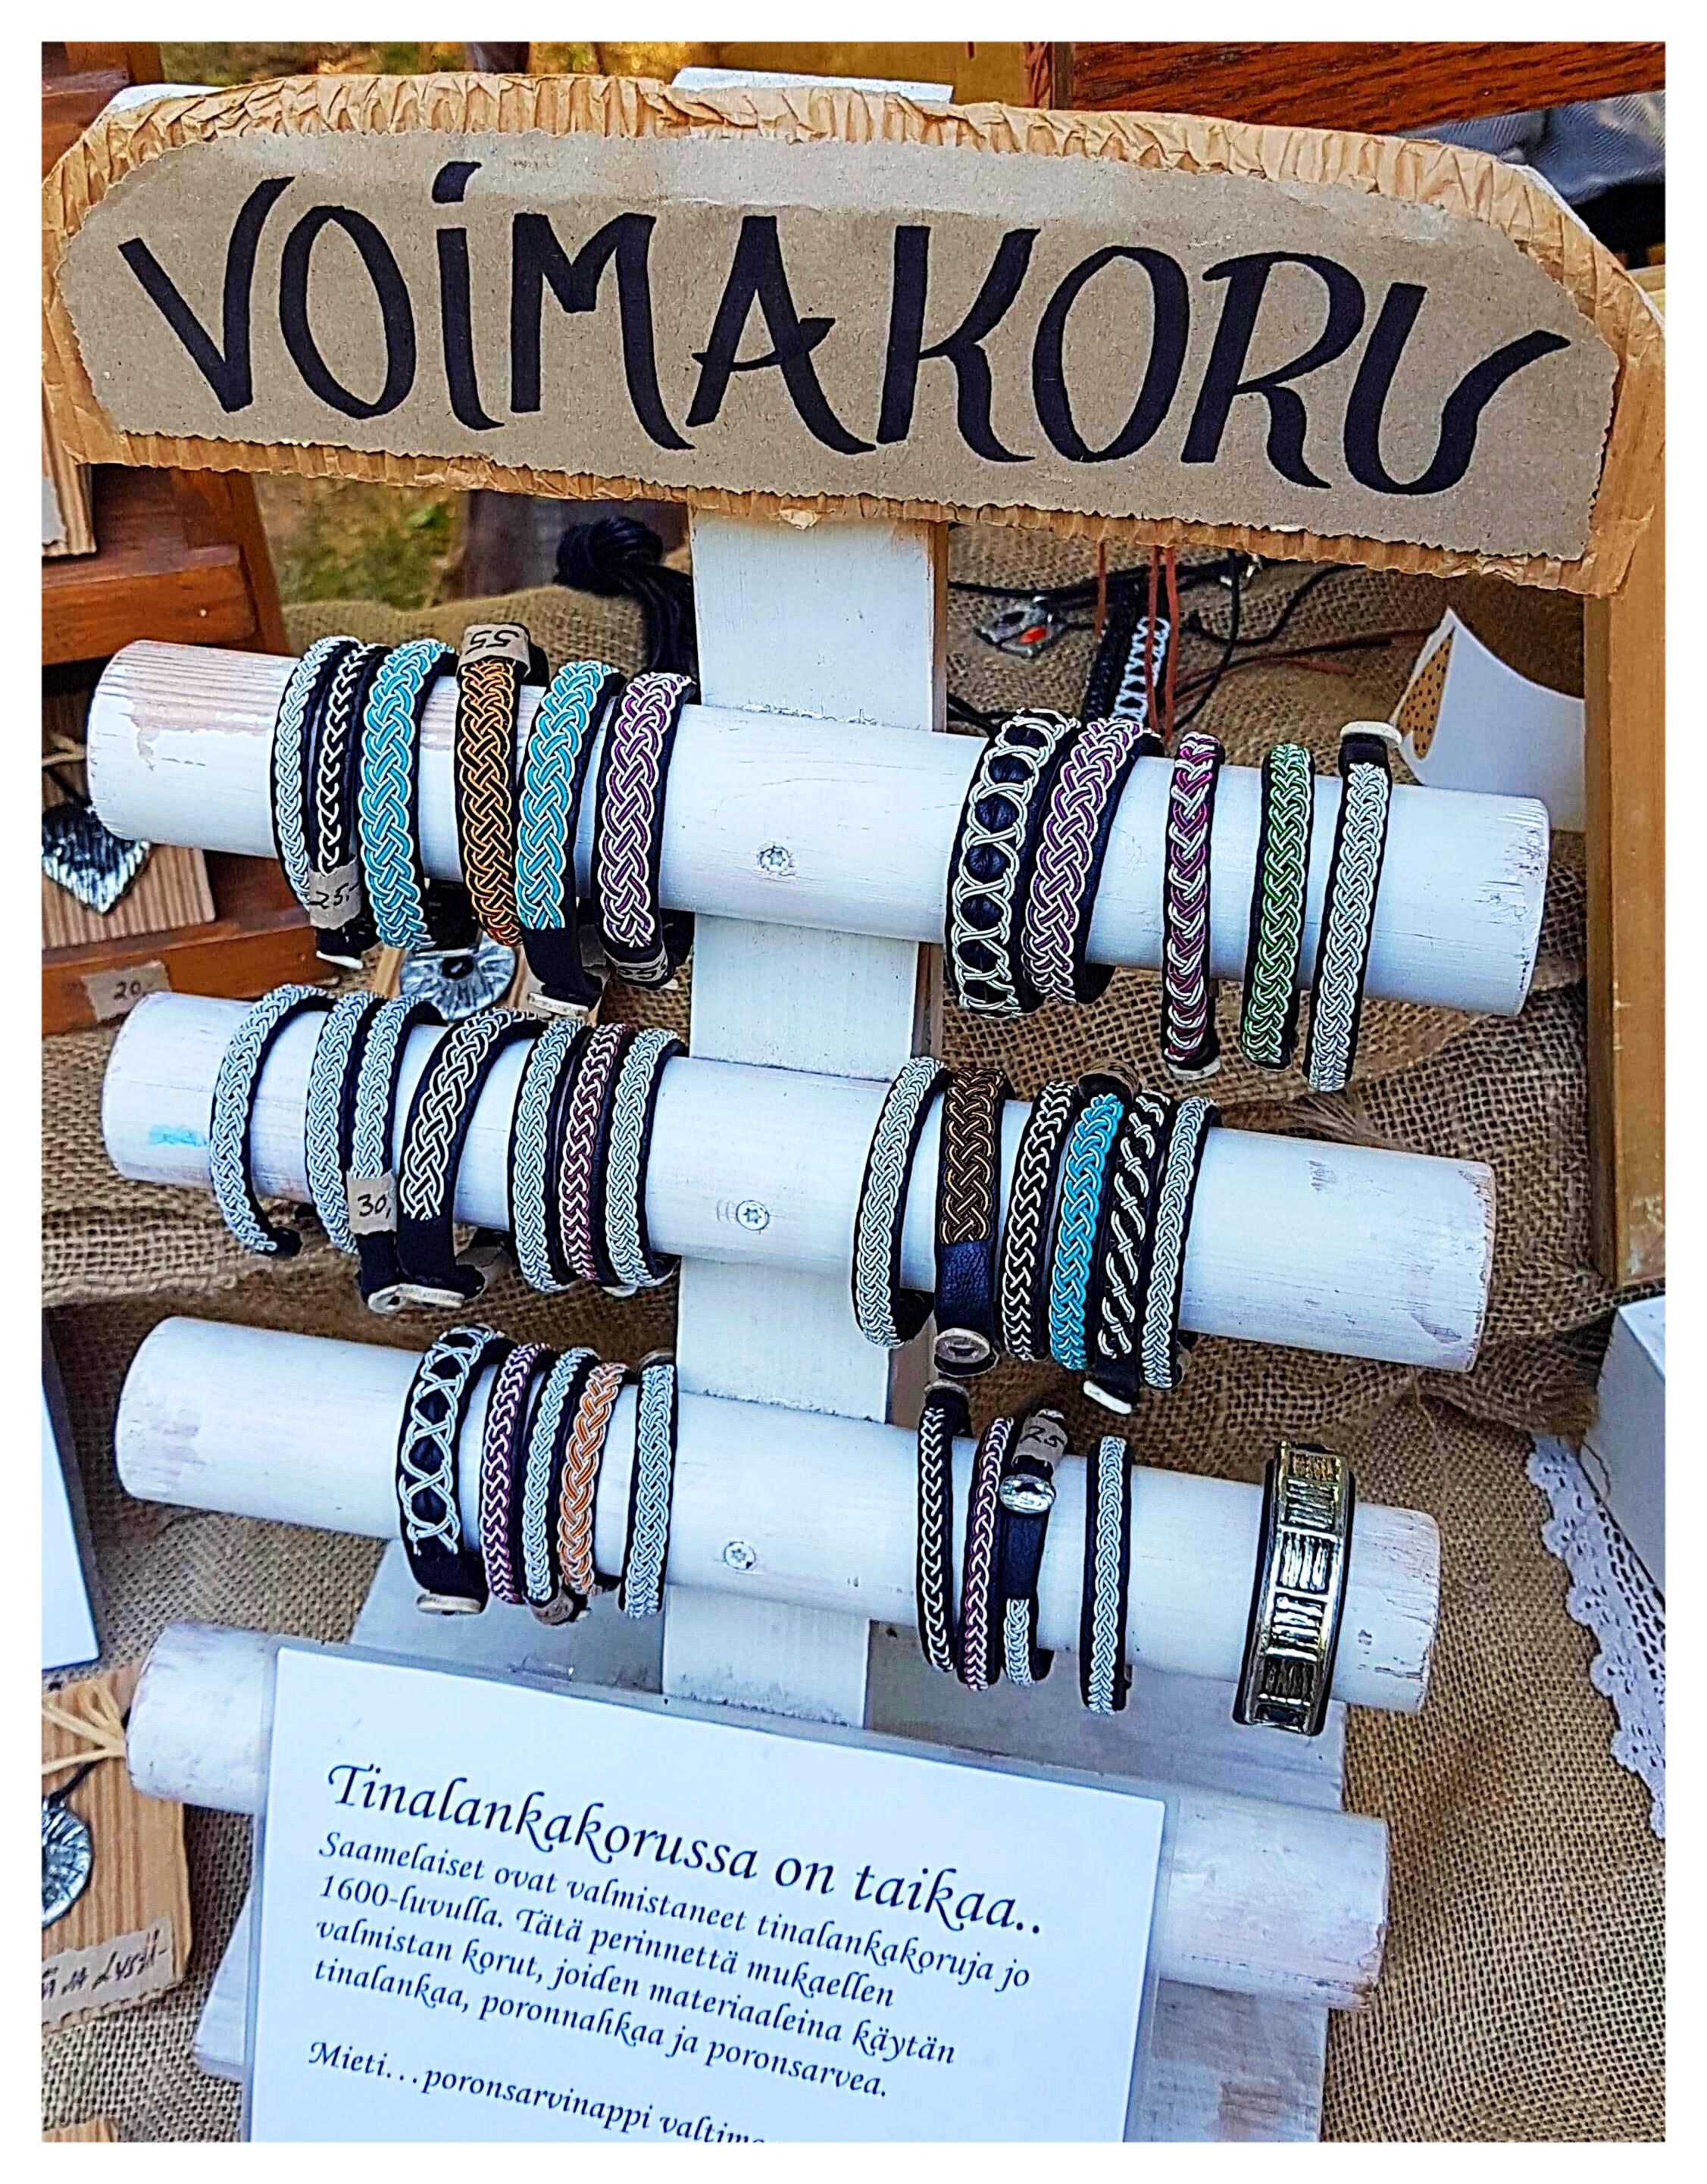 Saamelaistyyliset korutkin olivat löytäneet markkinakojuun.